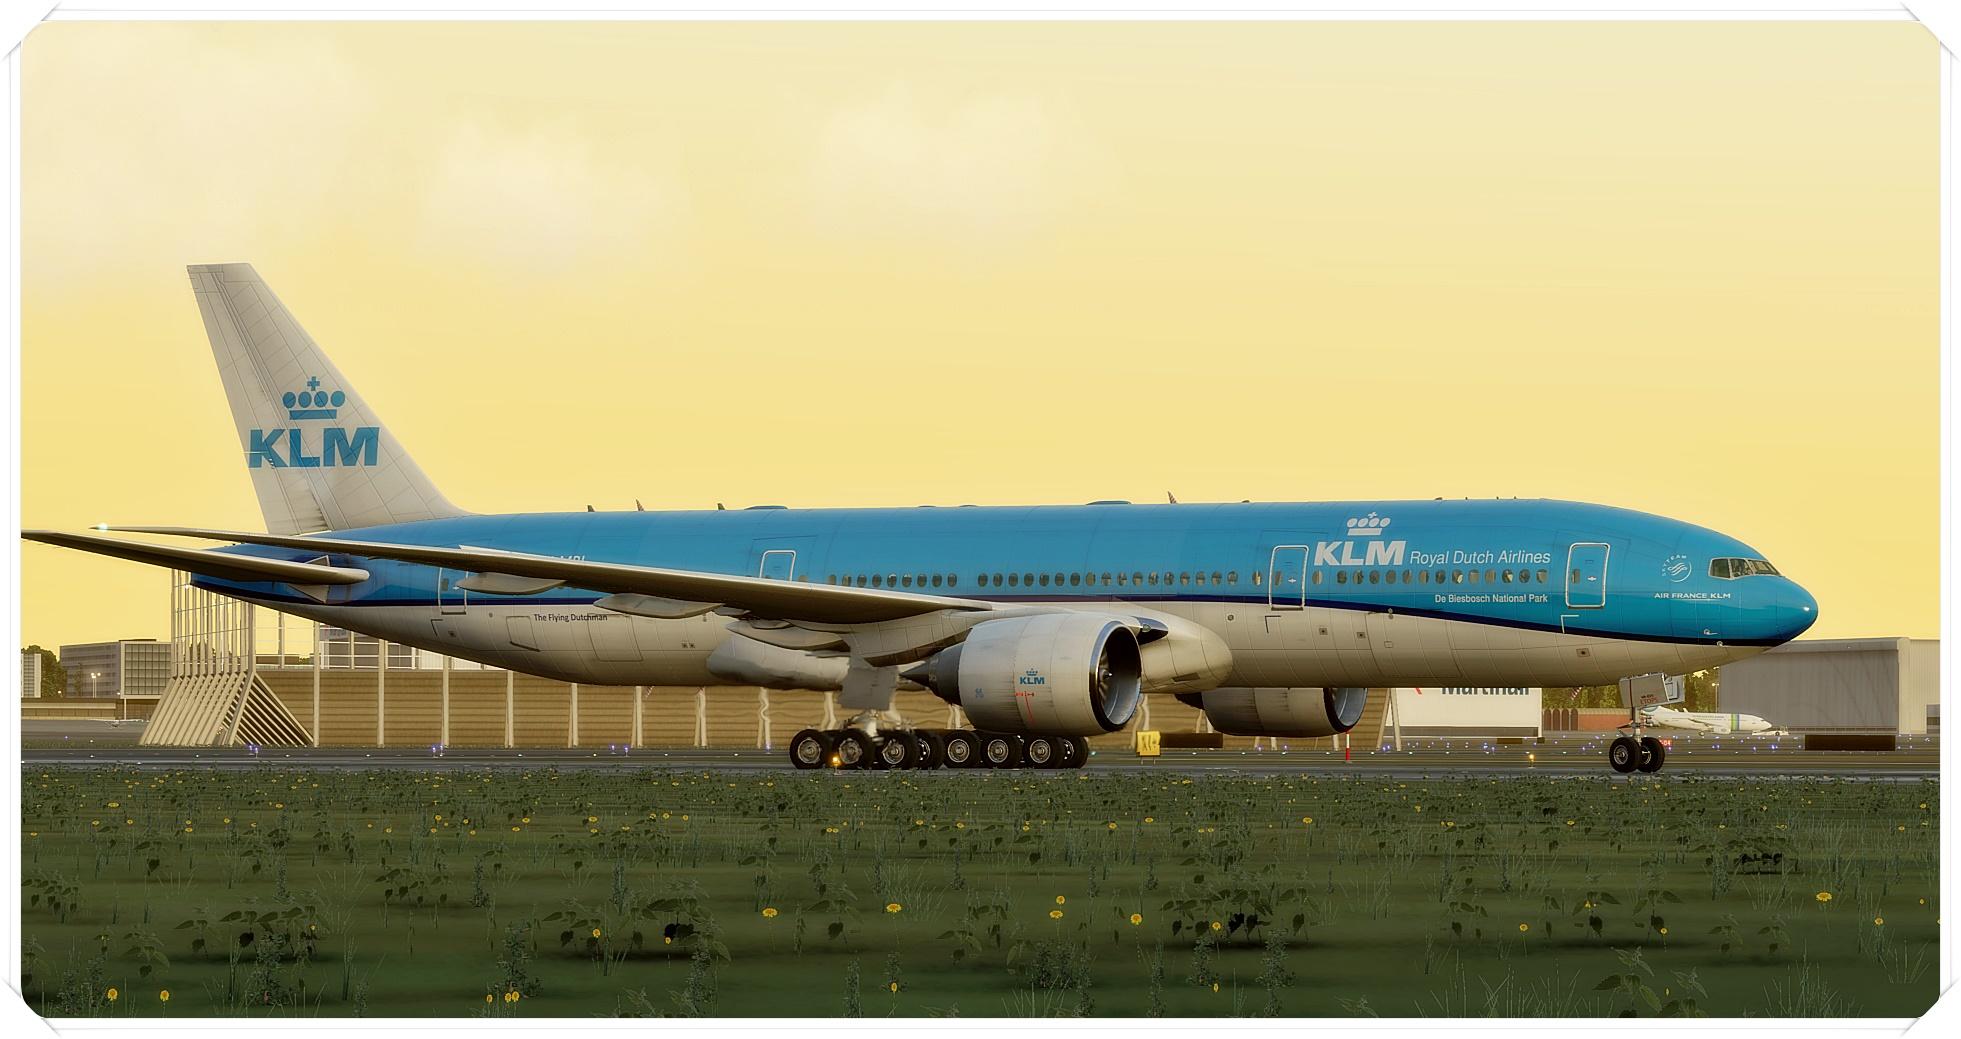 777-200lr_1wxp36.jpg